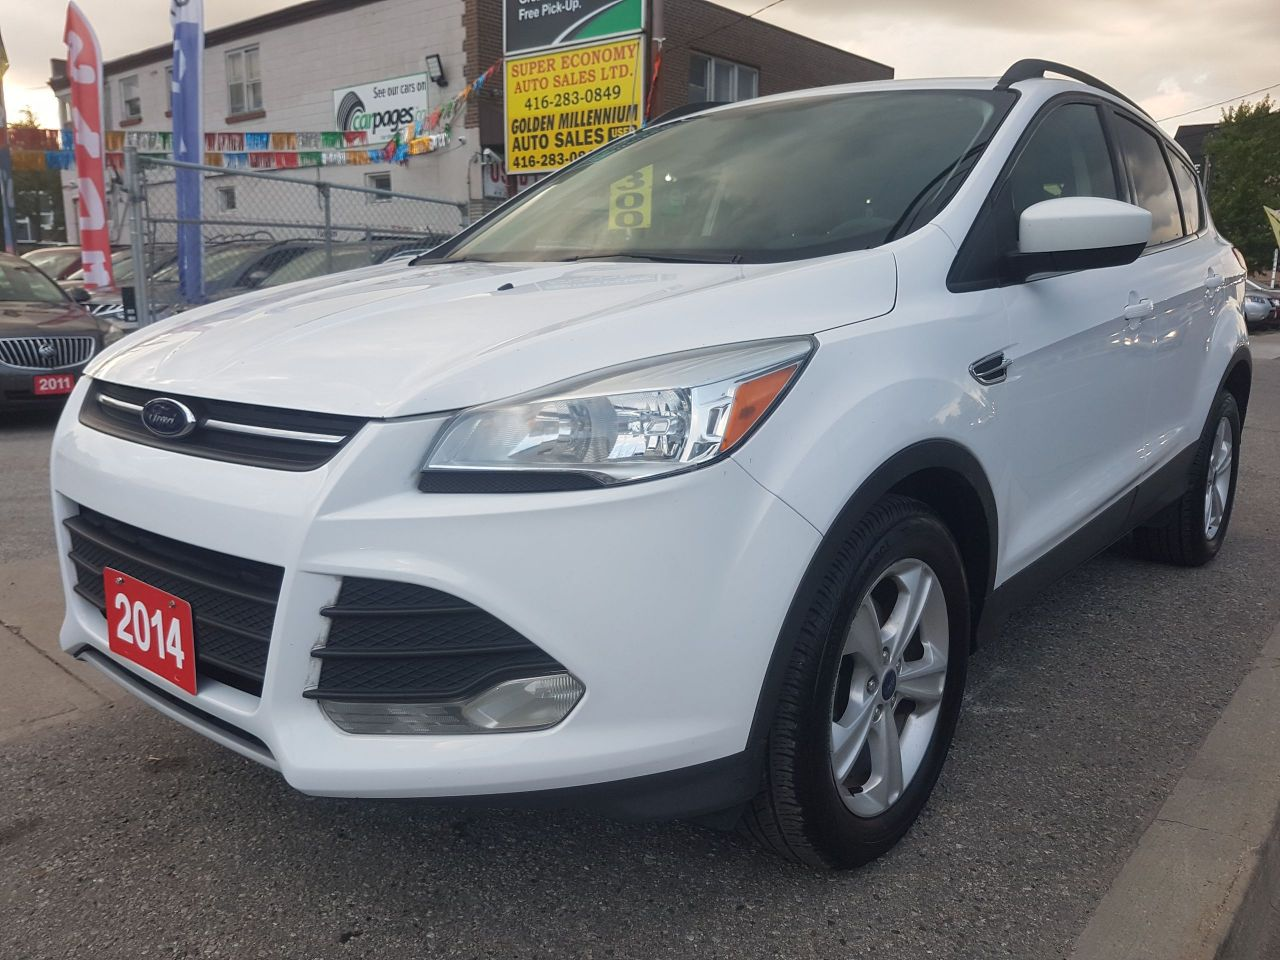 2014 Ford Escape | Super Economy Auto Sales